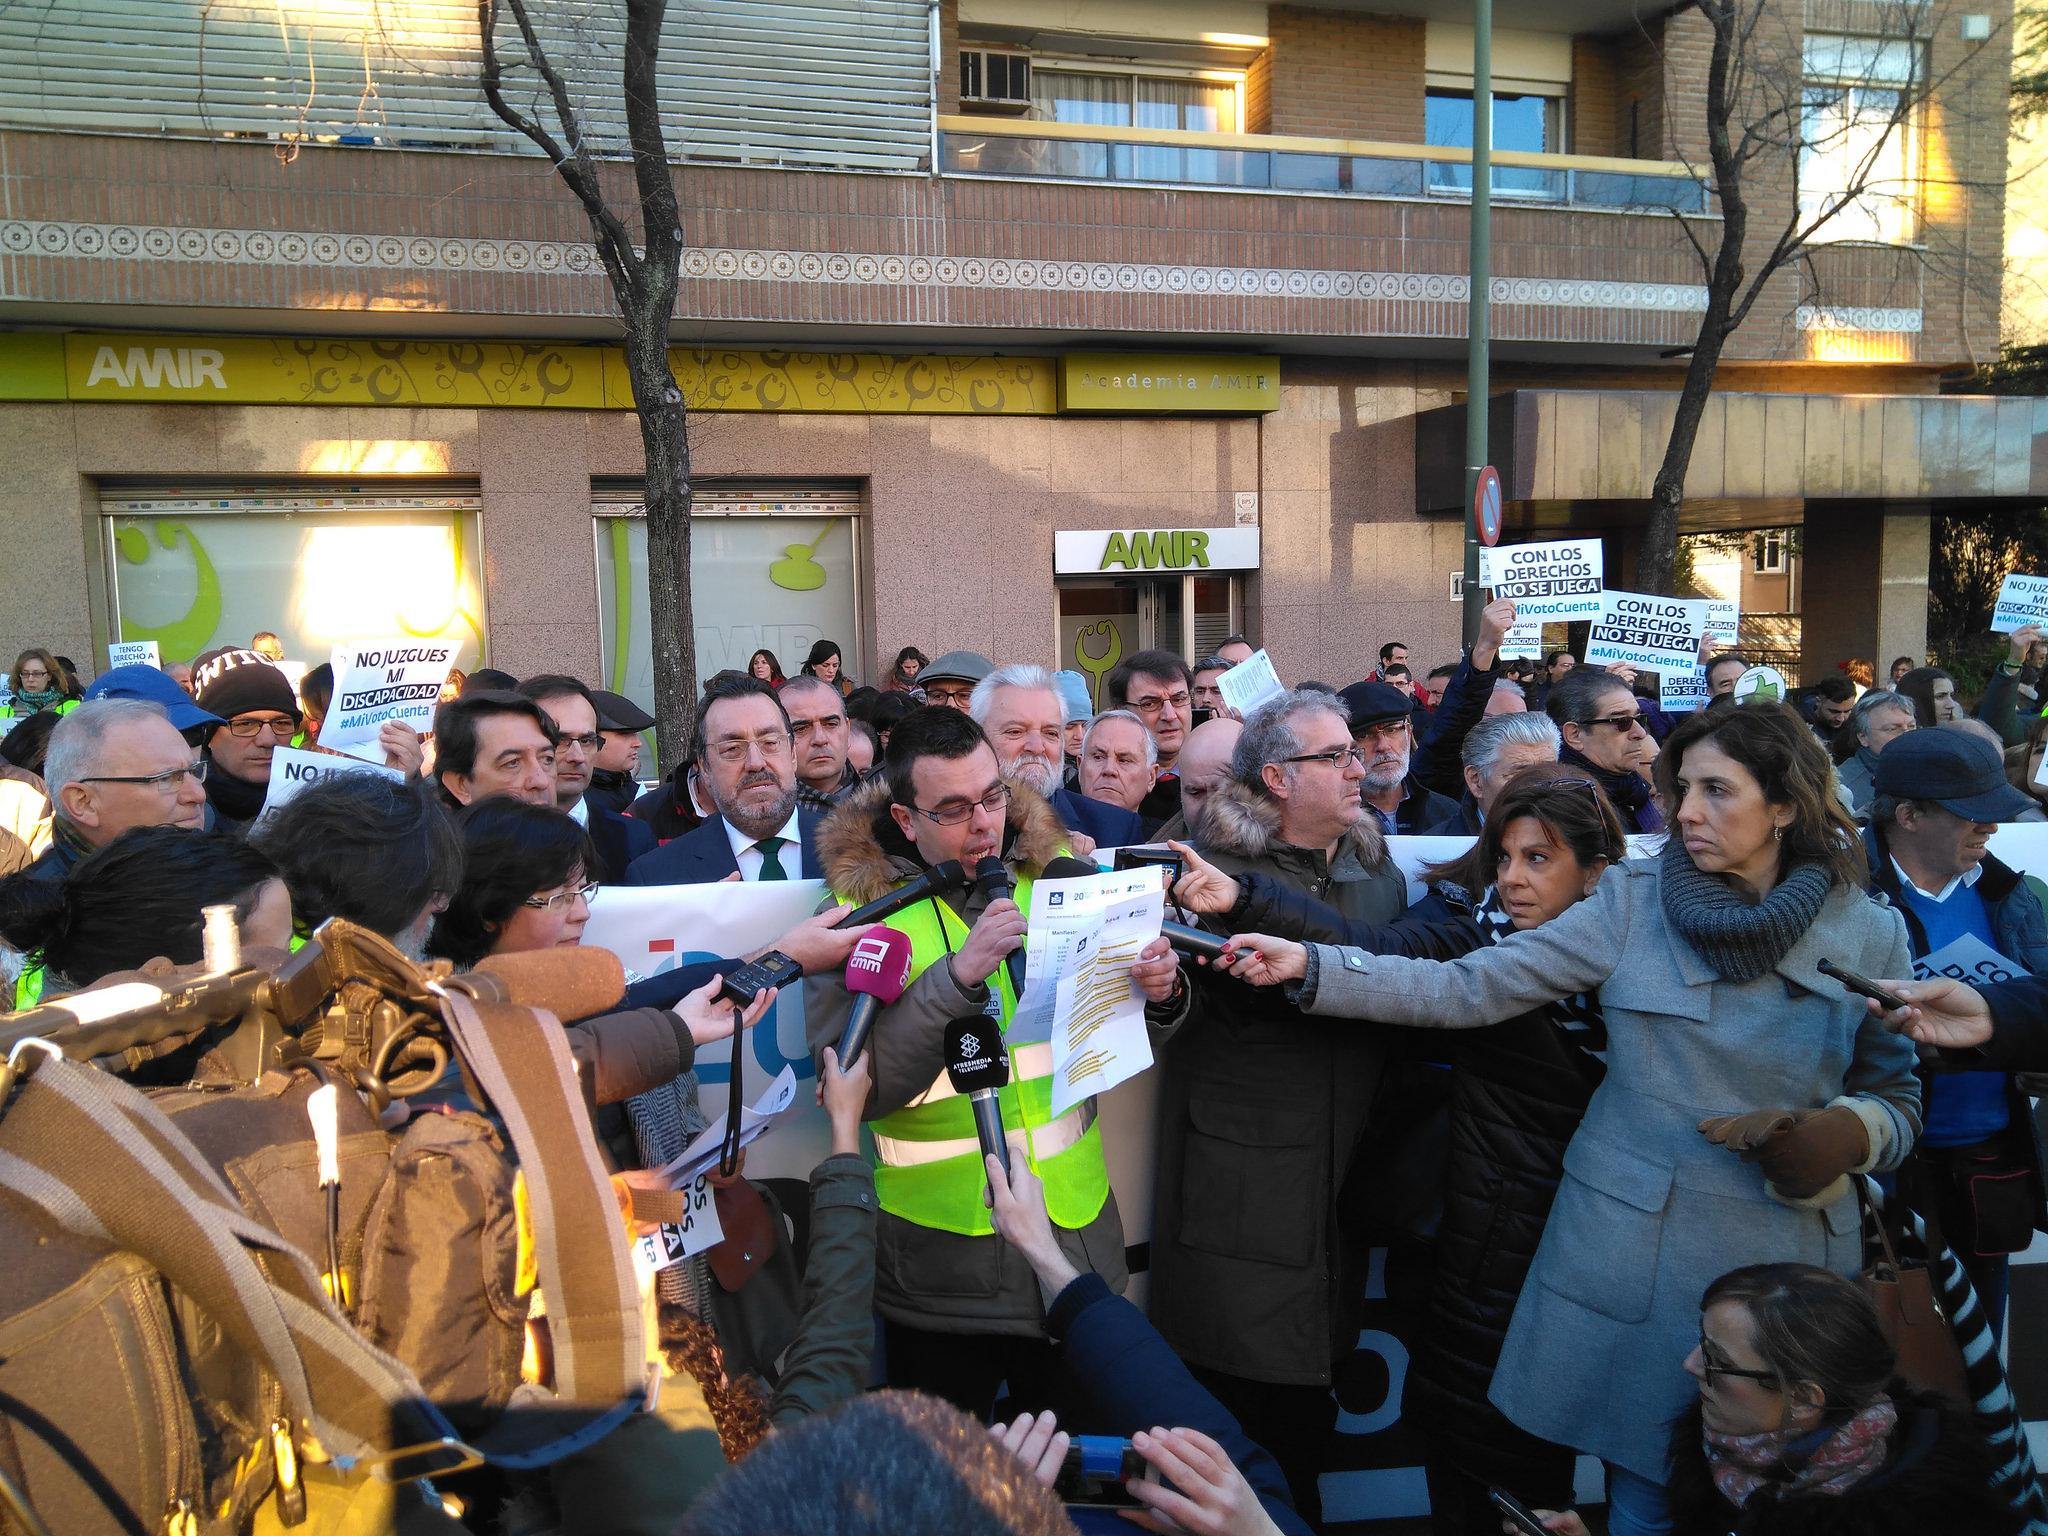 Antonio Hinojosa leyendo el manifiesto por el derecho al voto. Le rodean periodistas y manifestantes